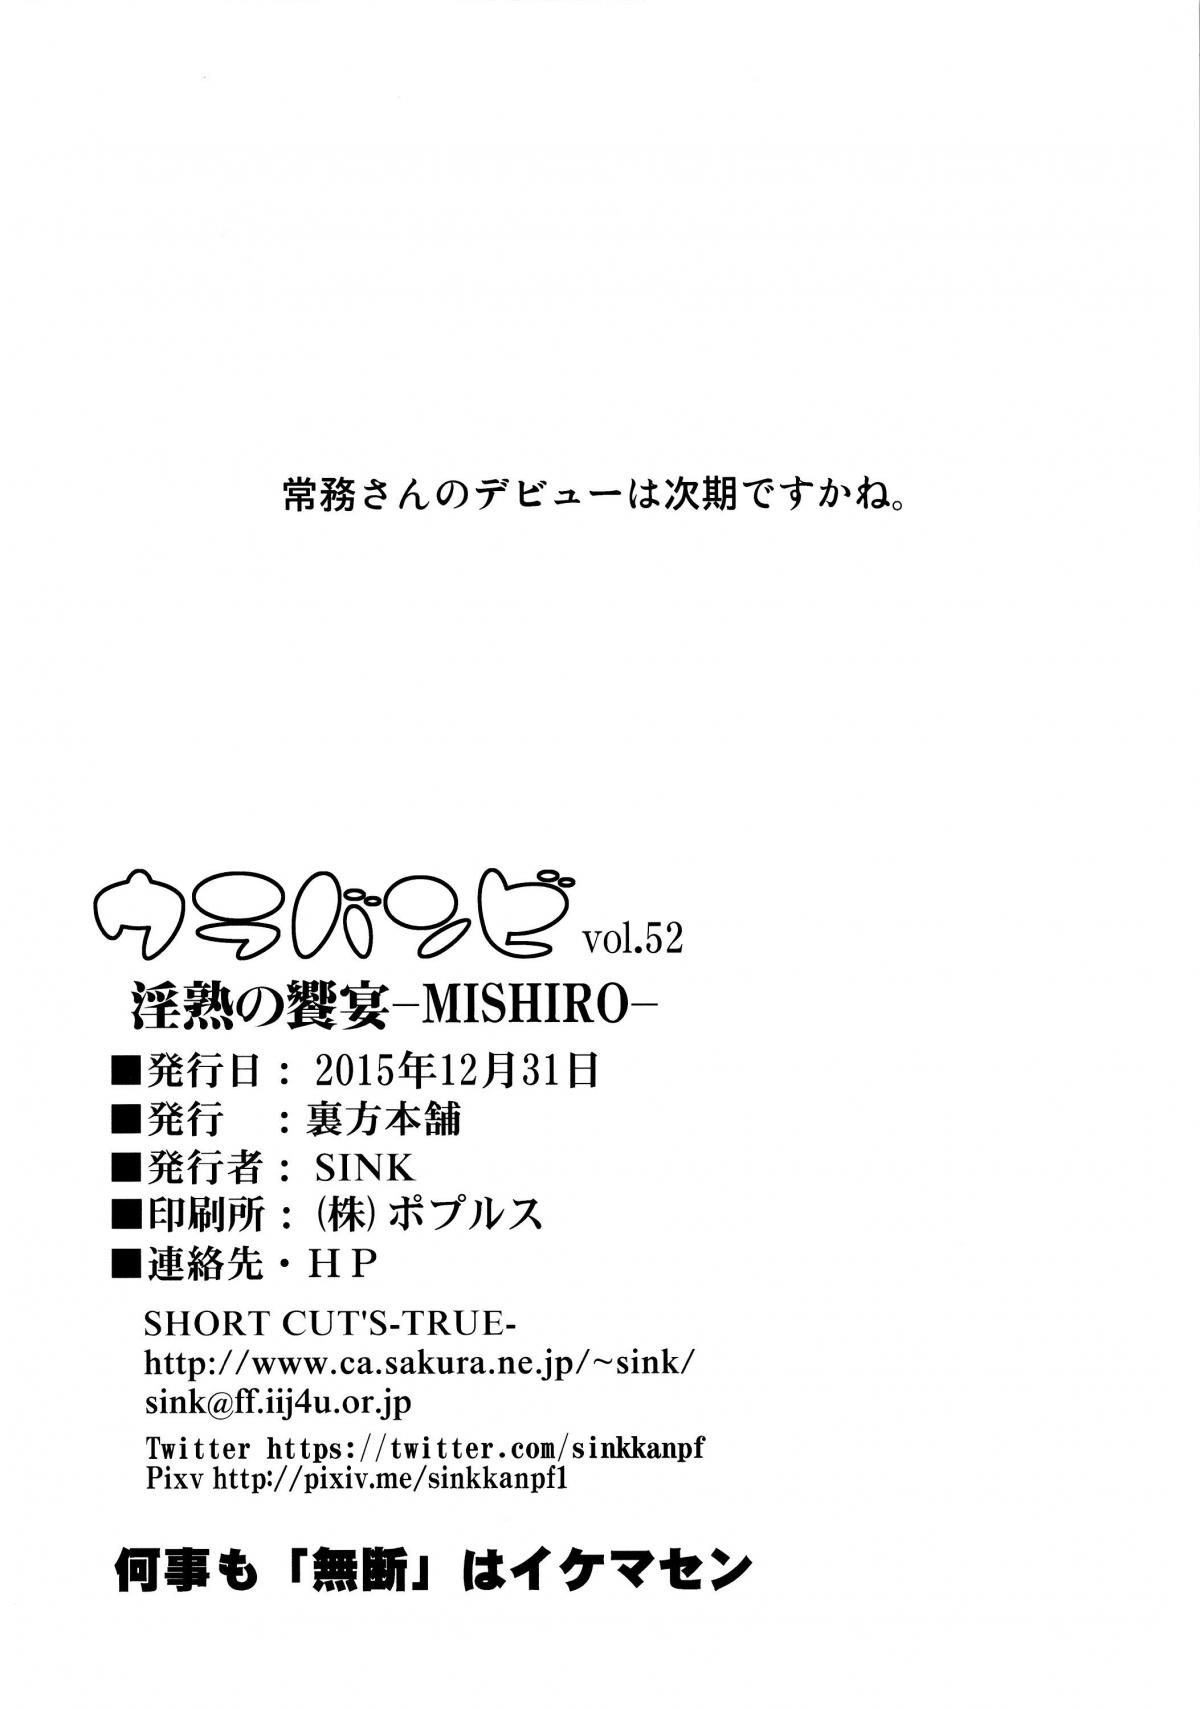 Hình ảnh  in Injuku no Kyouen -MISHIRO